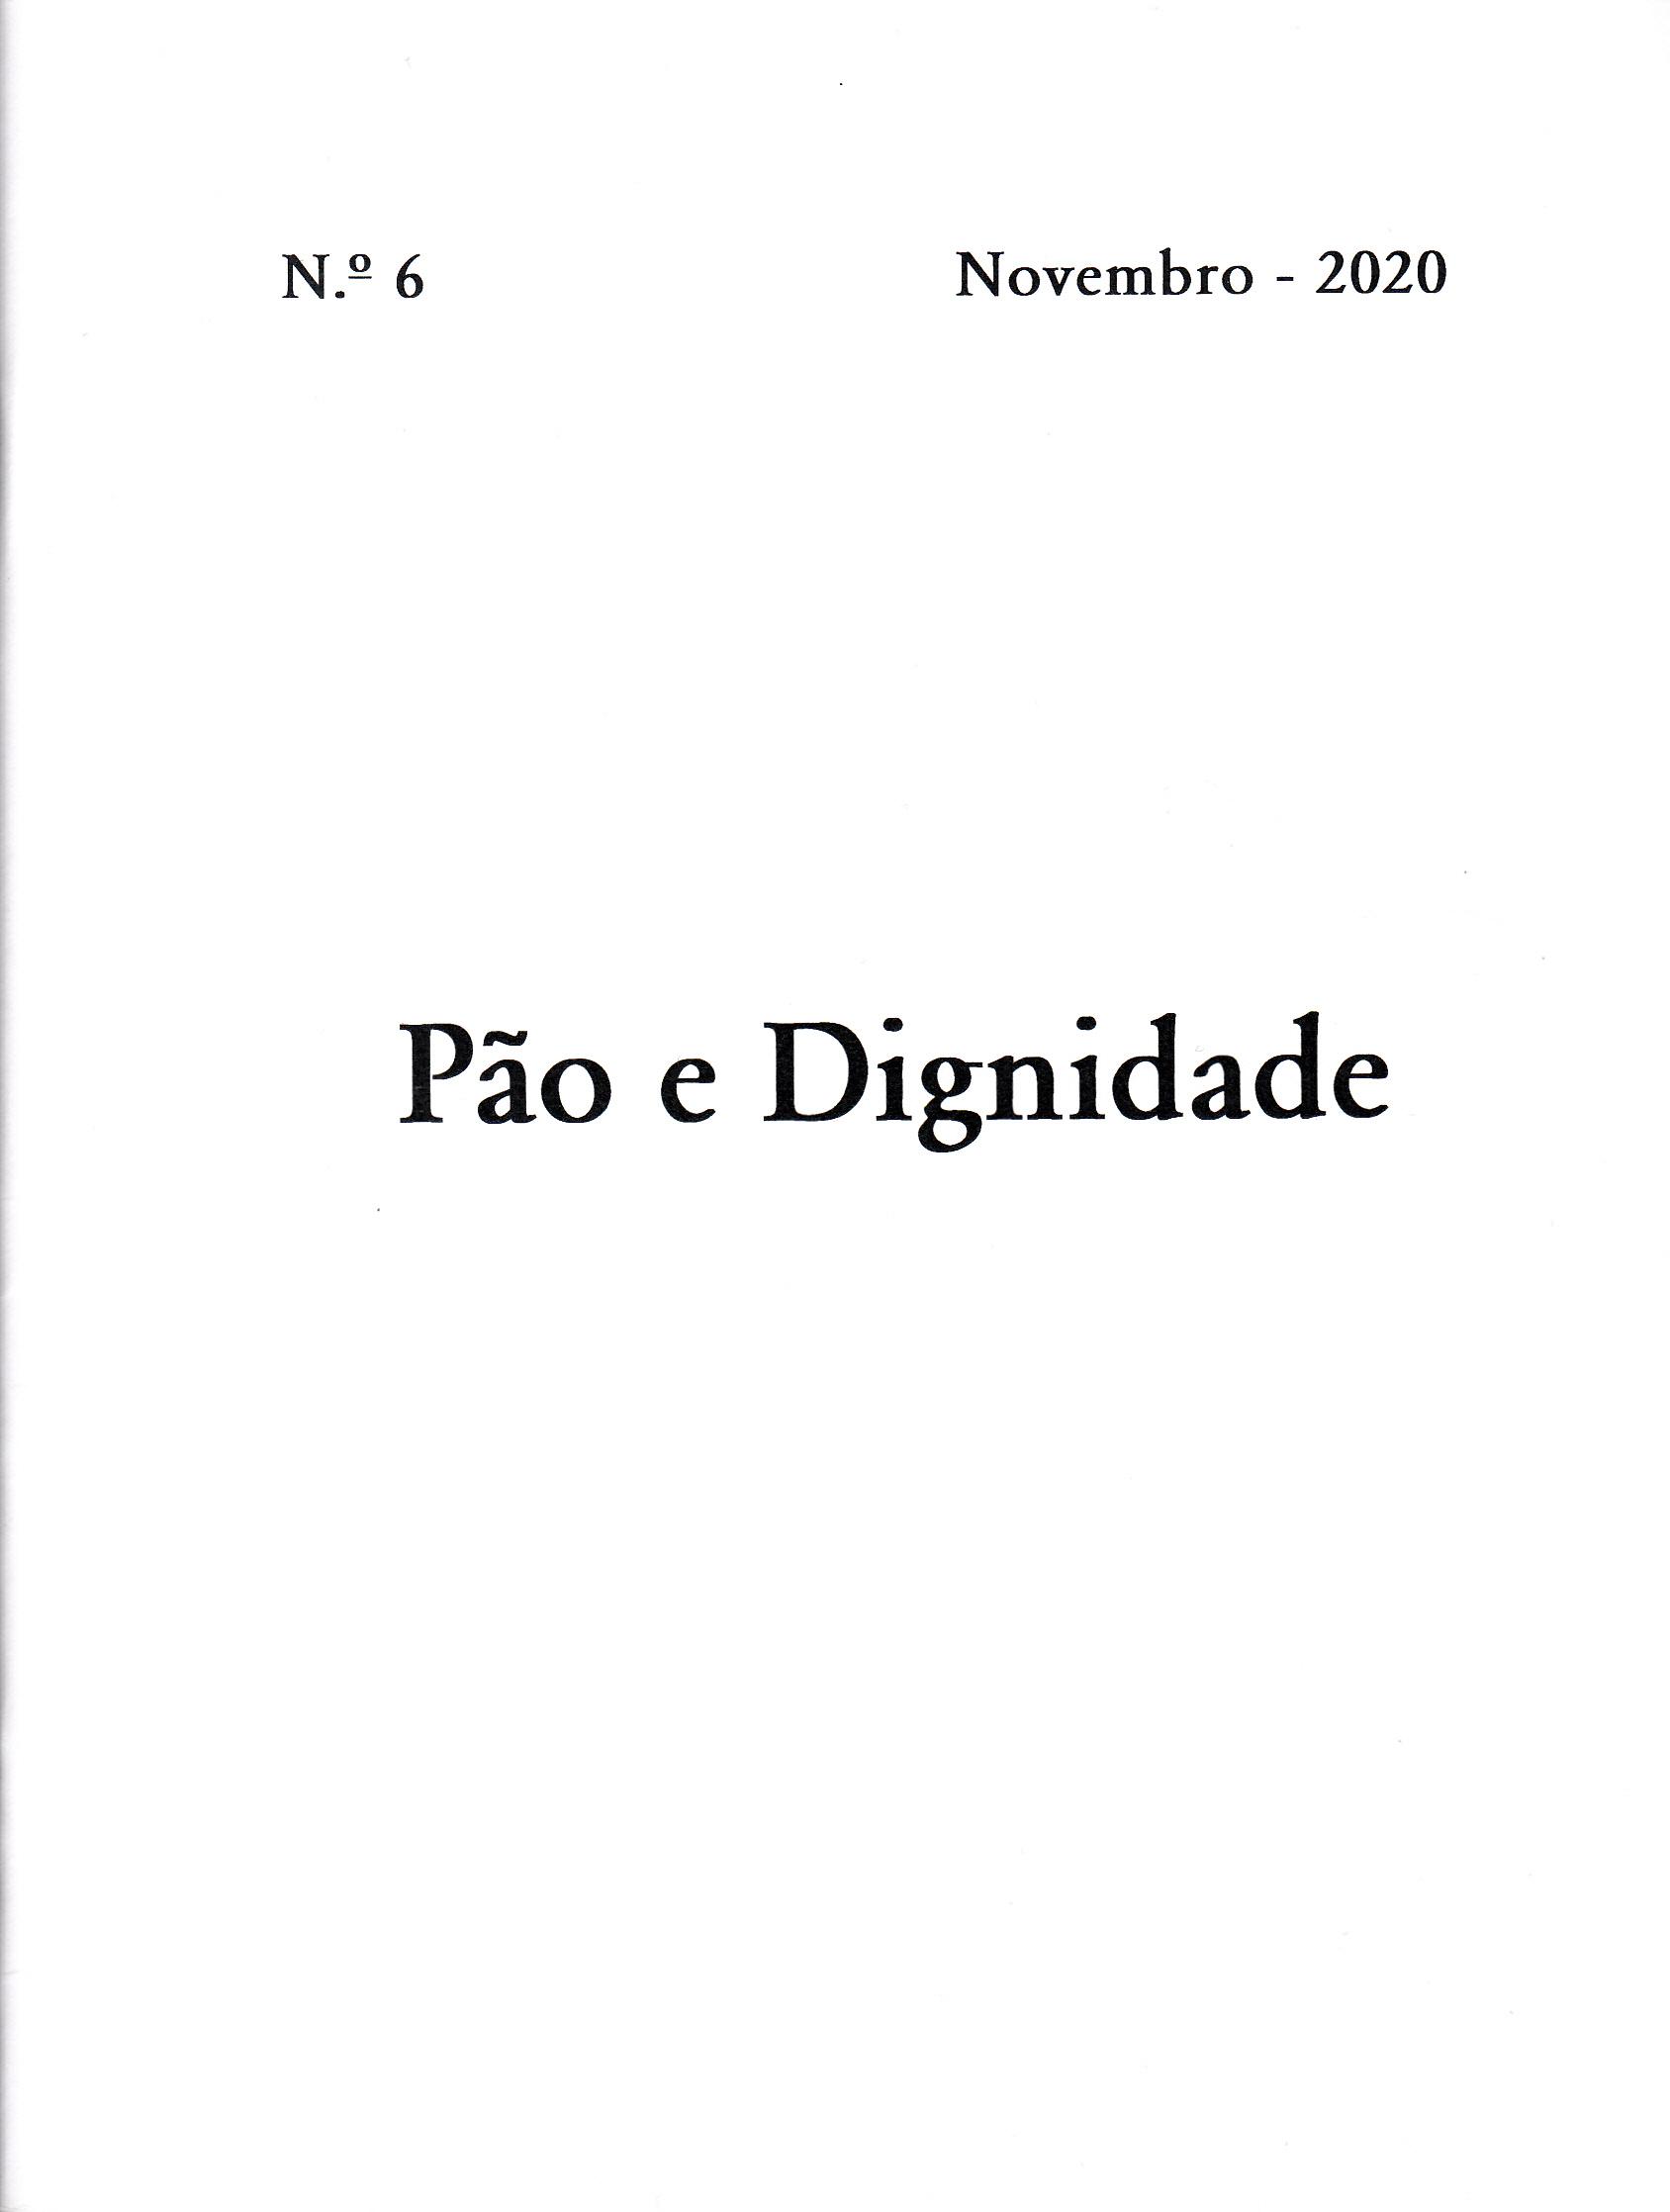 Pao_Dignidade_6